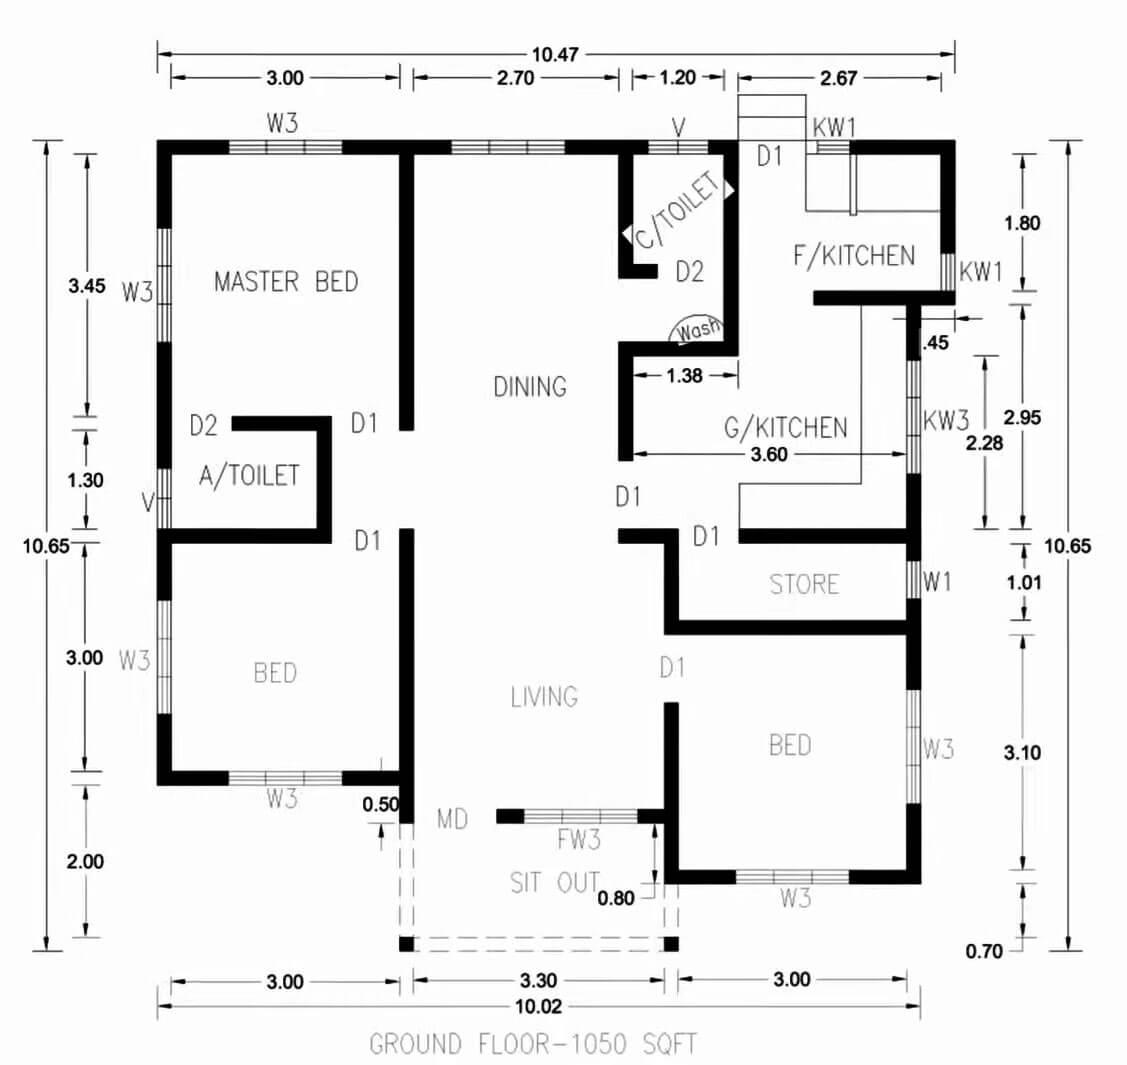 3-bedroom-outline-design-in-1050-sqft